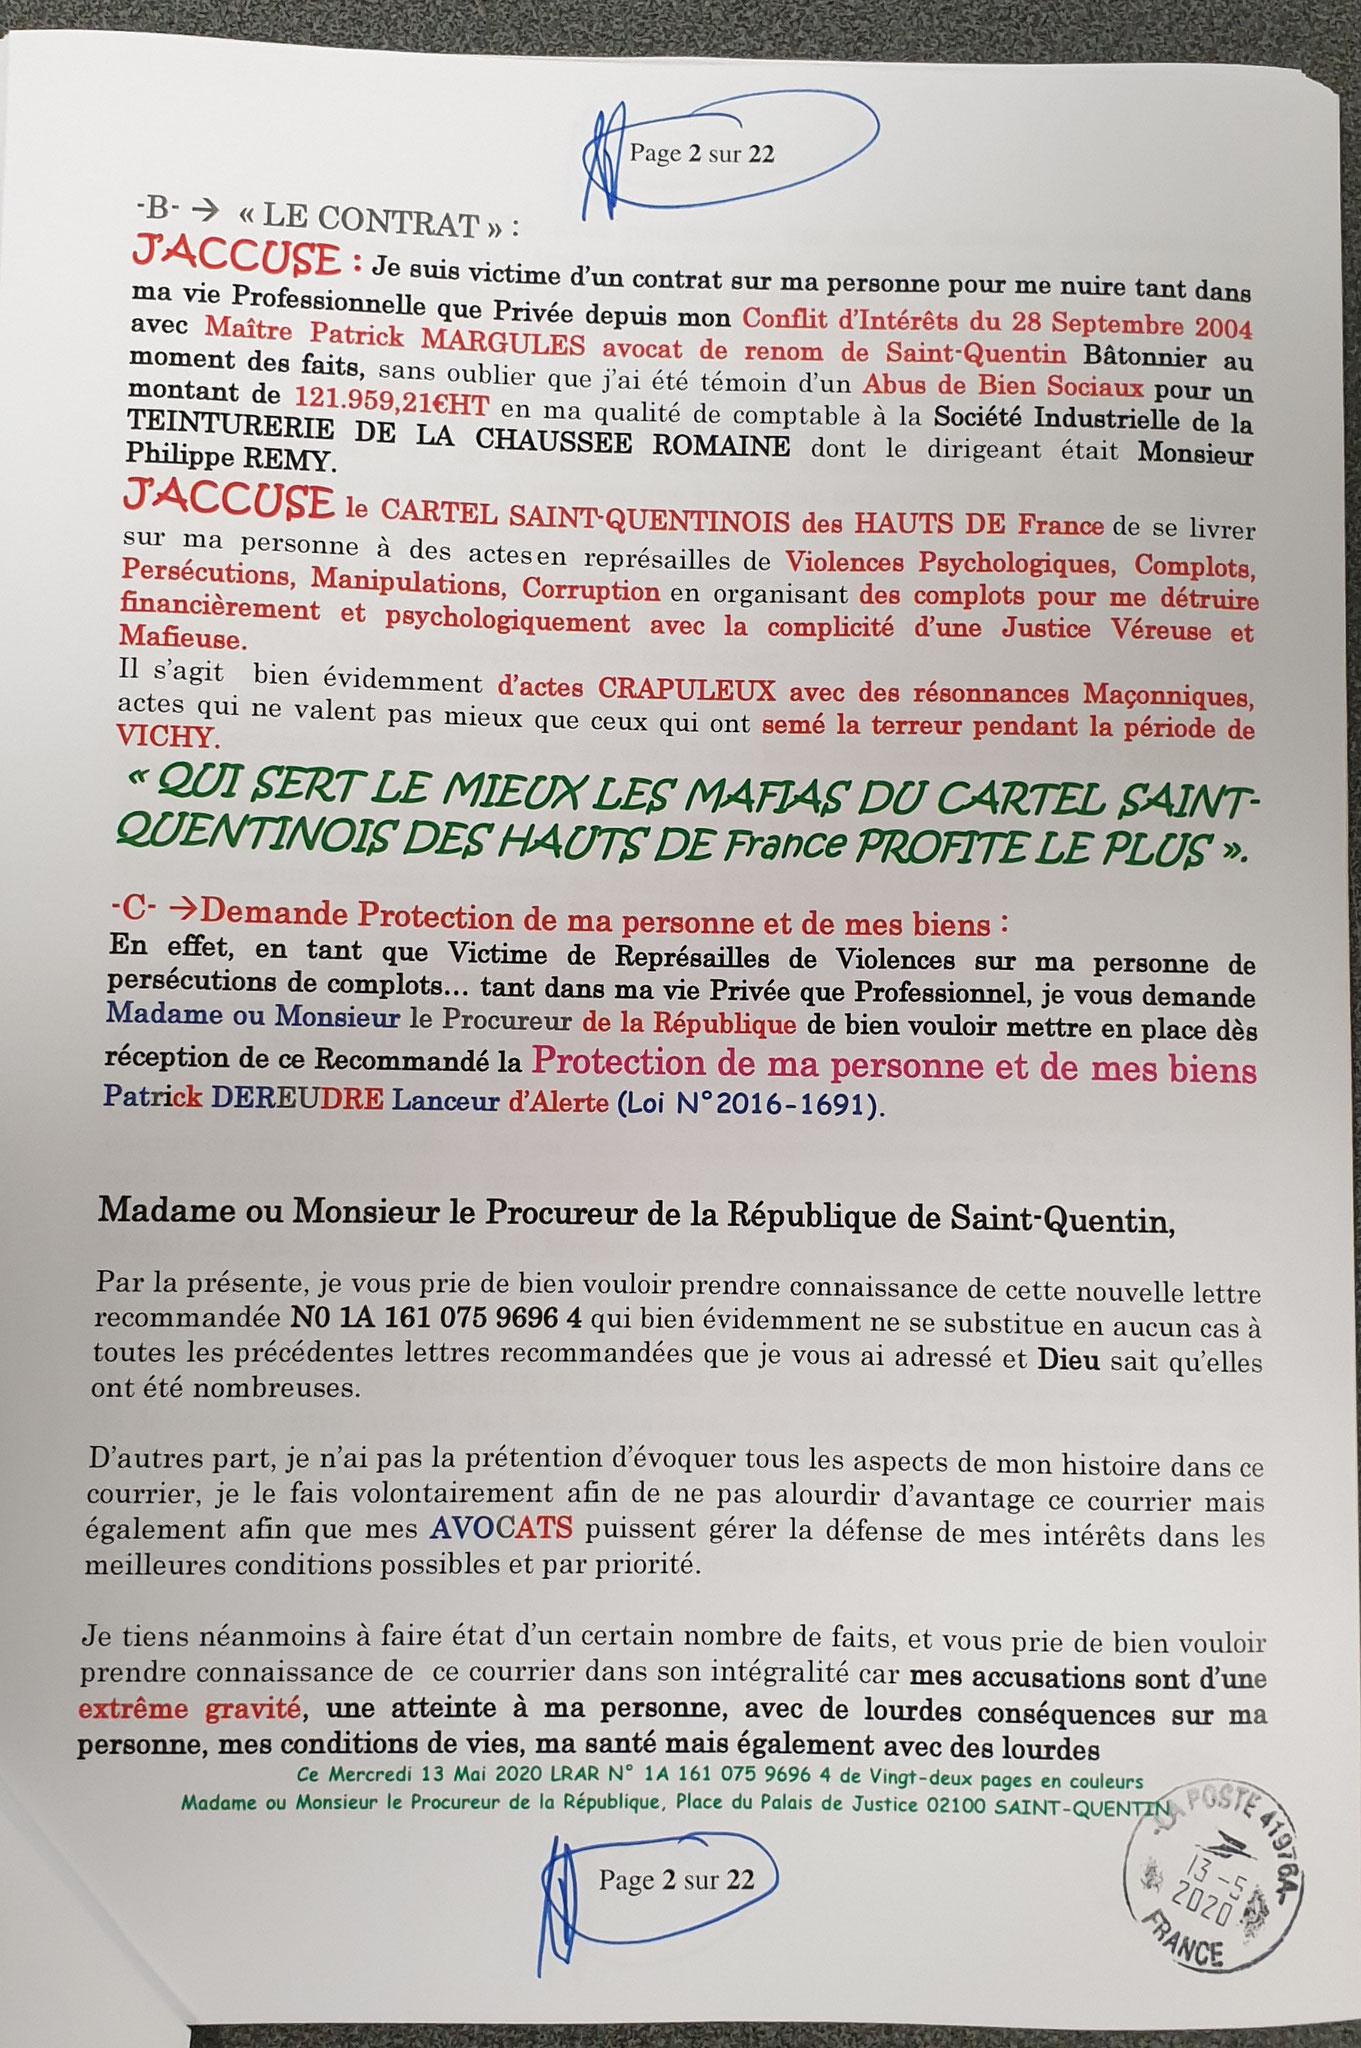 Page 2 sur 22 de ma plainte du 13 Mai 2020 auprès du Procureur de la République de Saint-Quentin à l'encontre des TAXIS VASSEUR SERVICES & salariés pour VIOLENCES EN BANDE ORGANISEE... www.jesuispatrick.fr